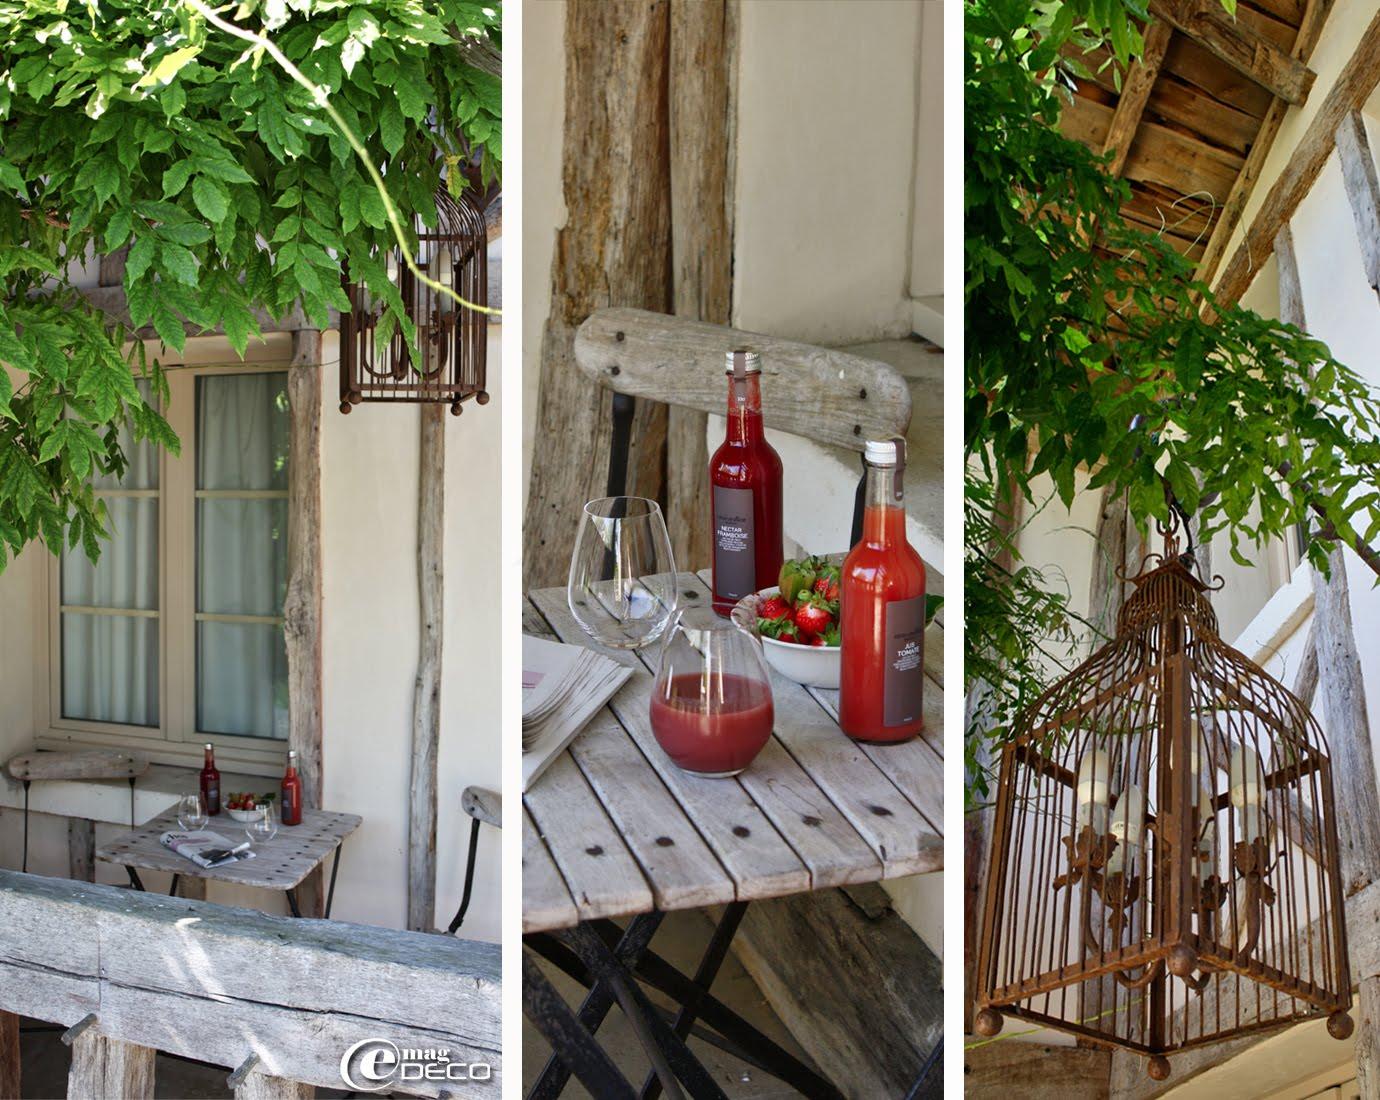 Le porche de La Maison du Lièvre, Les Sources de Caudalie, établissement hôtelier près de Bordeaux